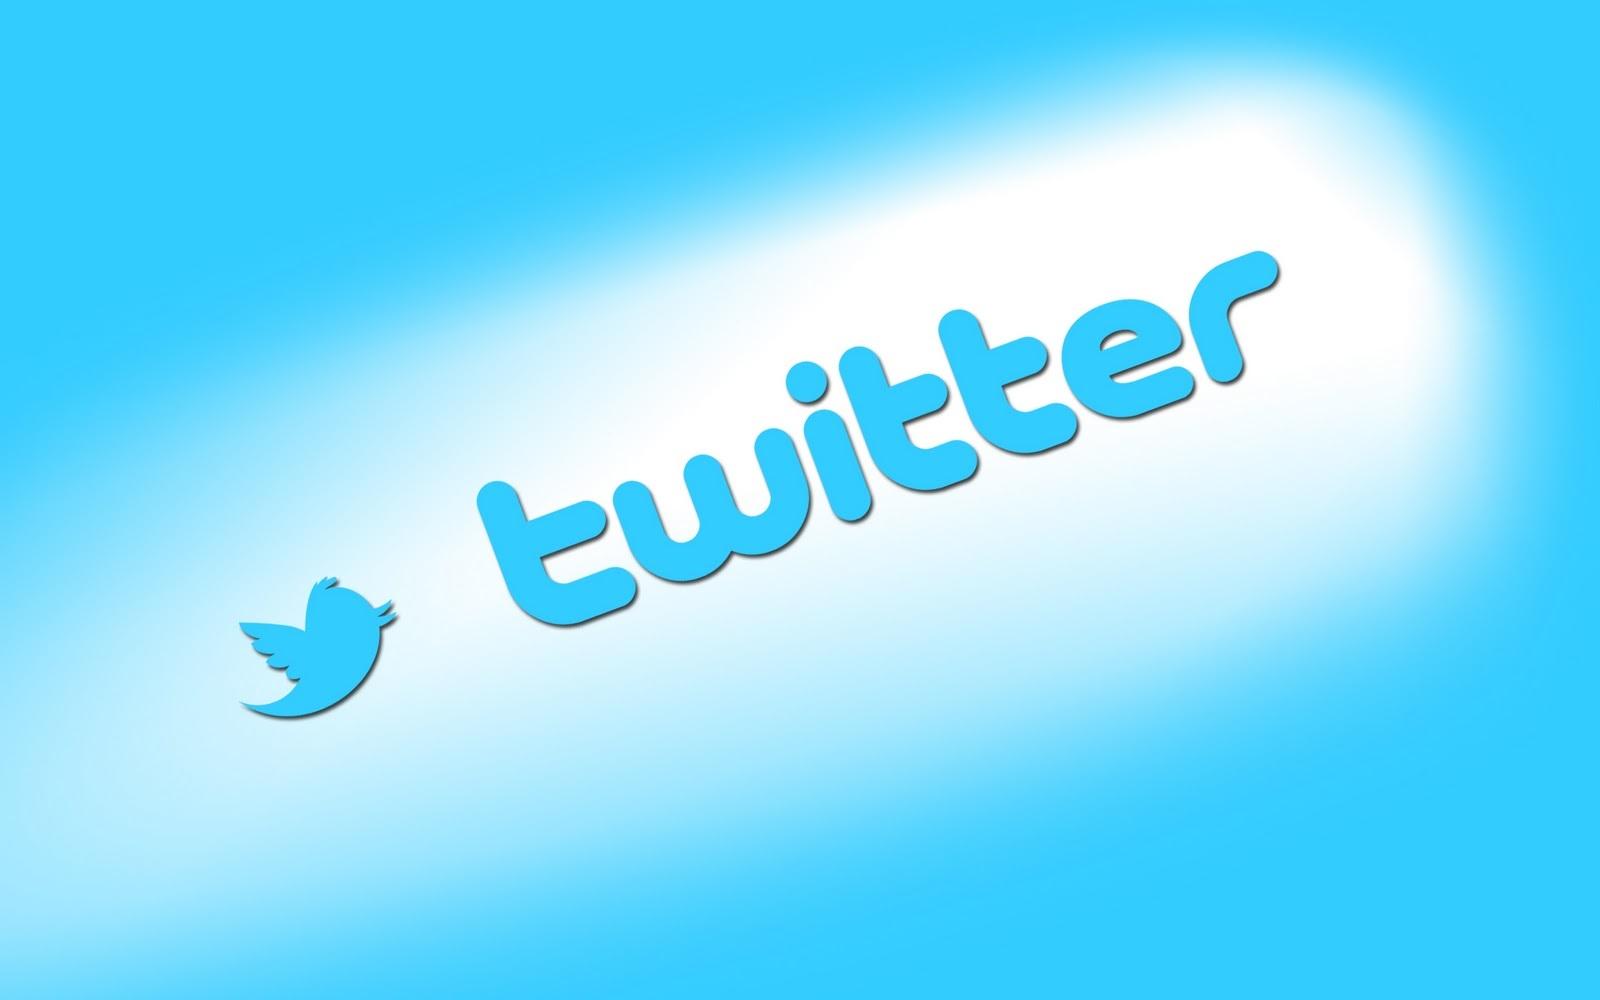 あTwitter-logo